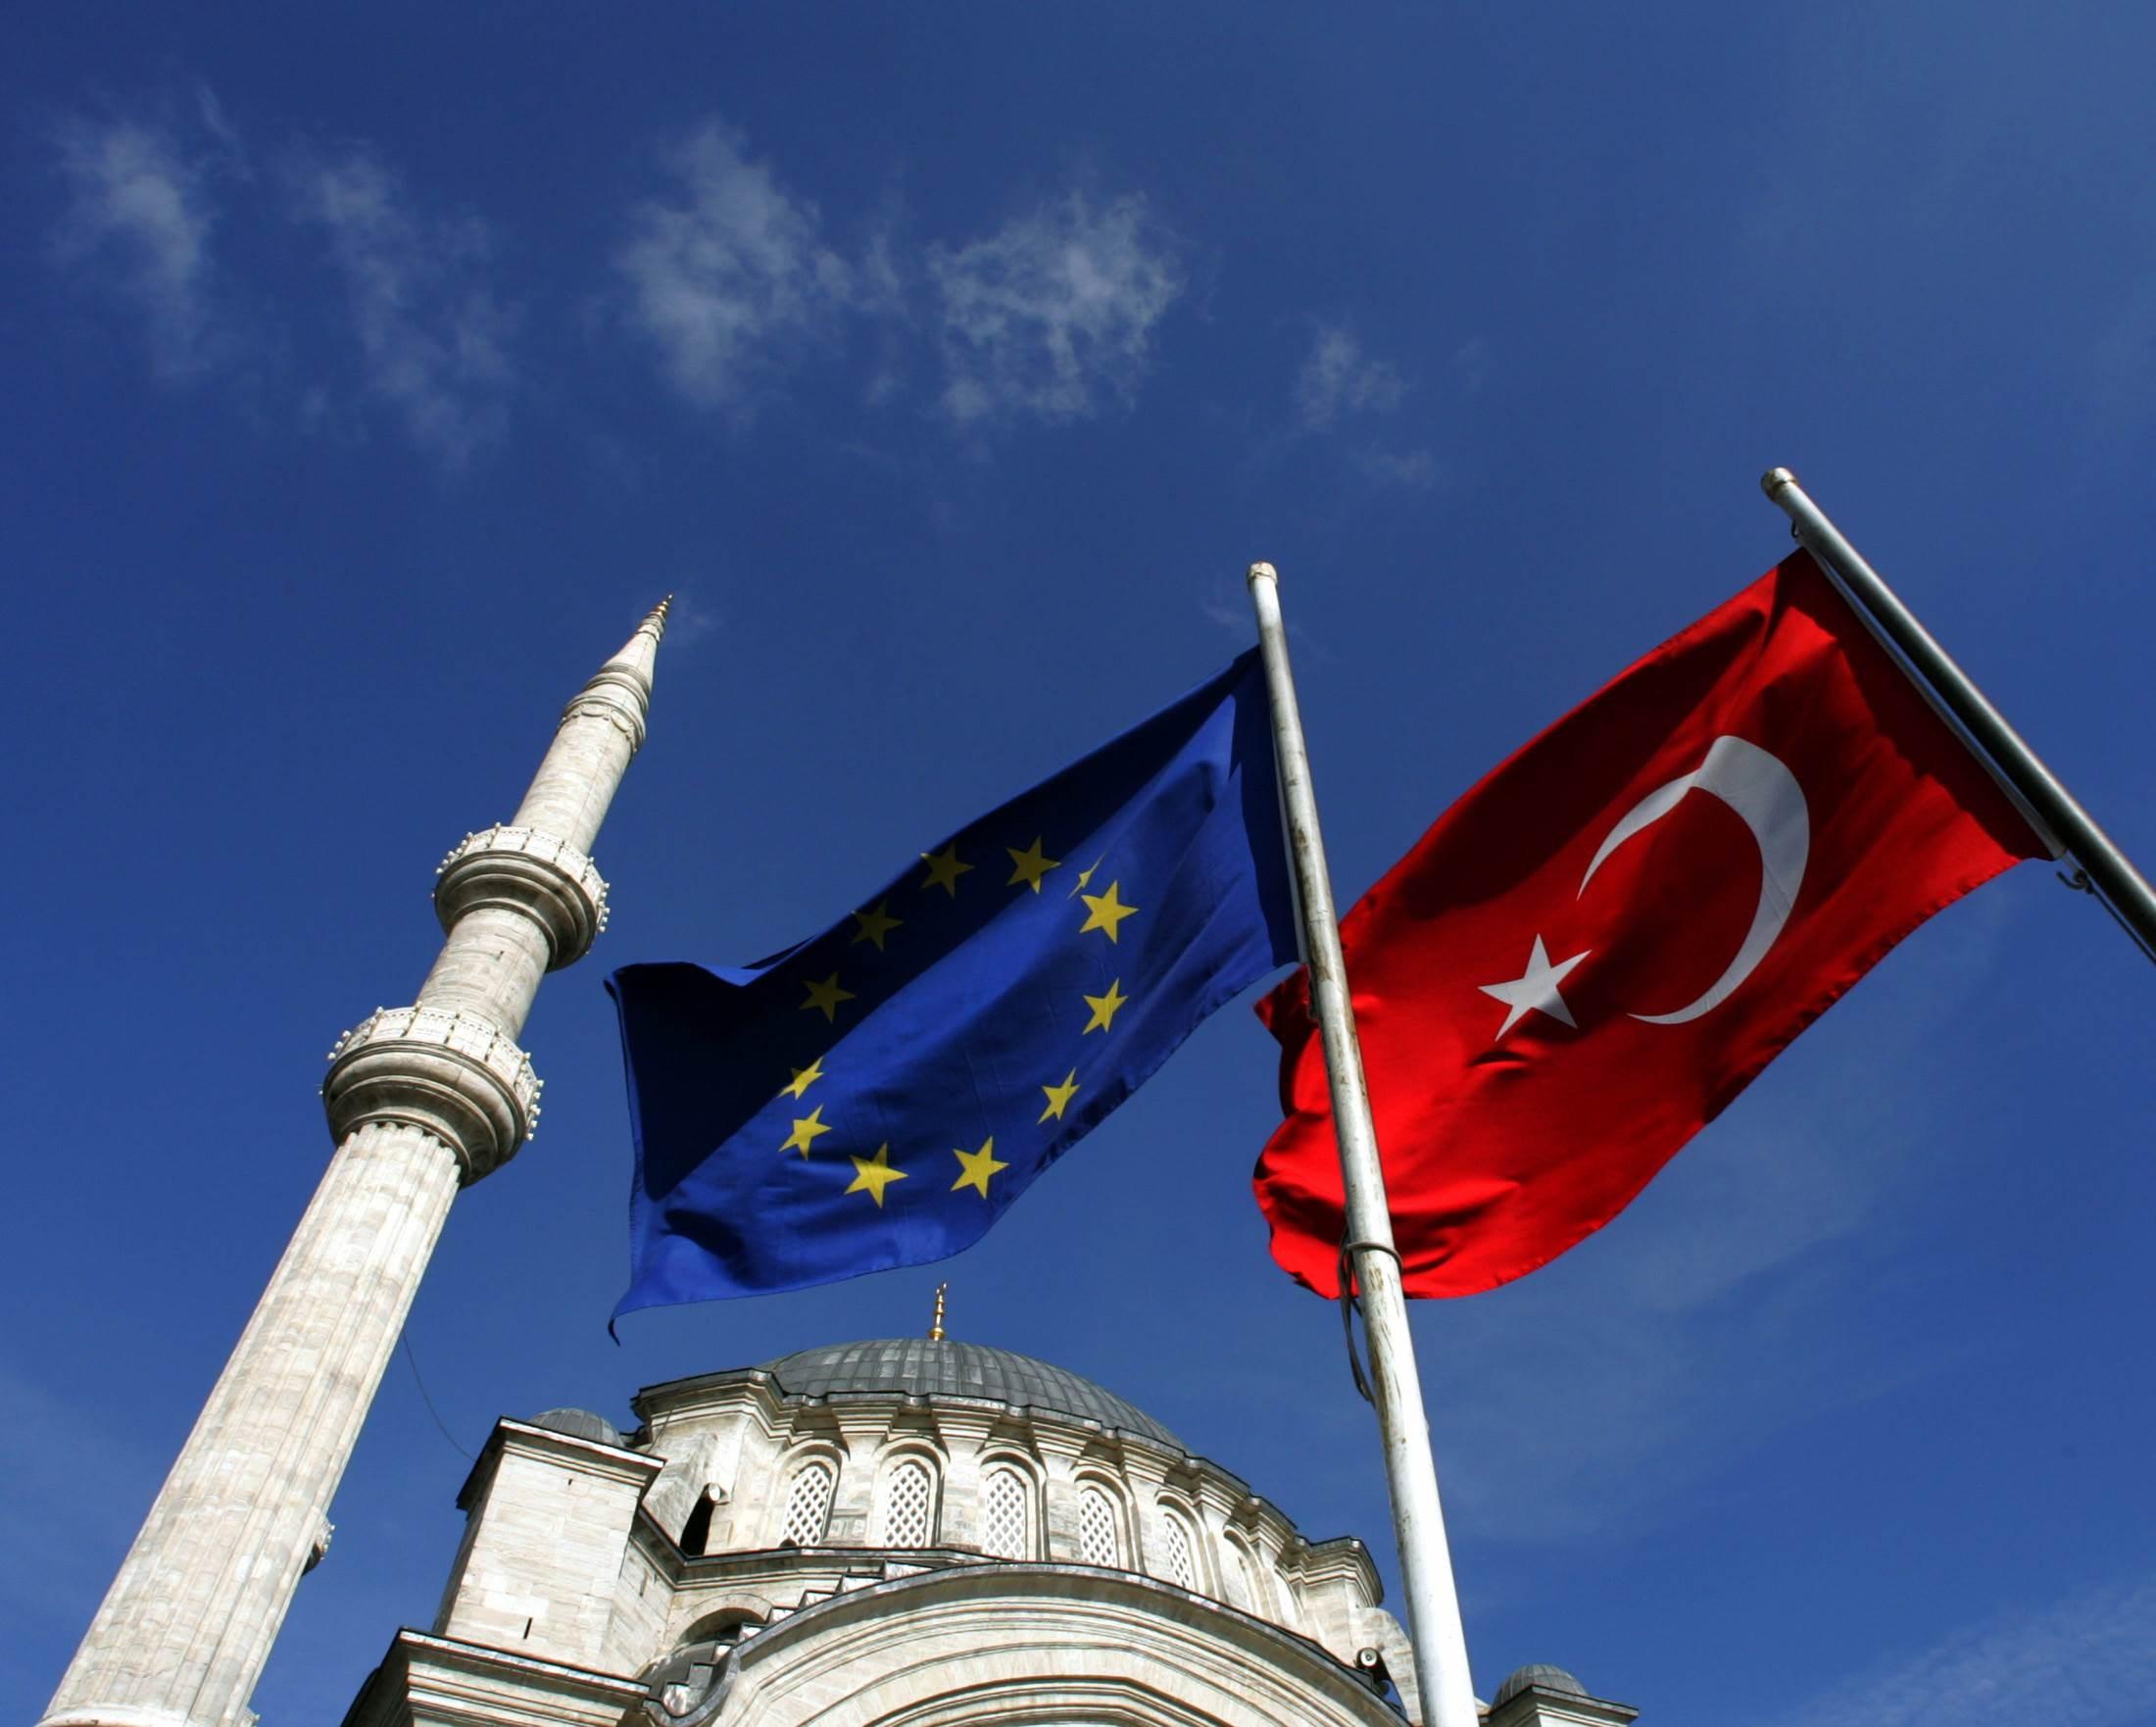 الاتحاد الأوروبي لوّح سابقاً بفرض عقوبات على تركيا بسبب التوتر مع اليونان في شرق المتوسط